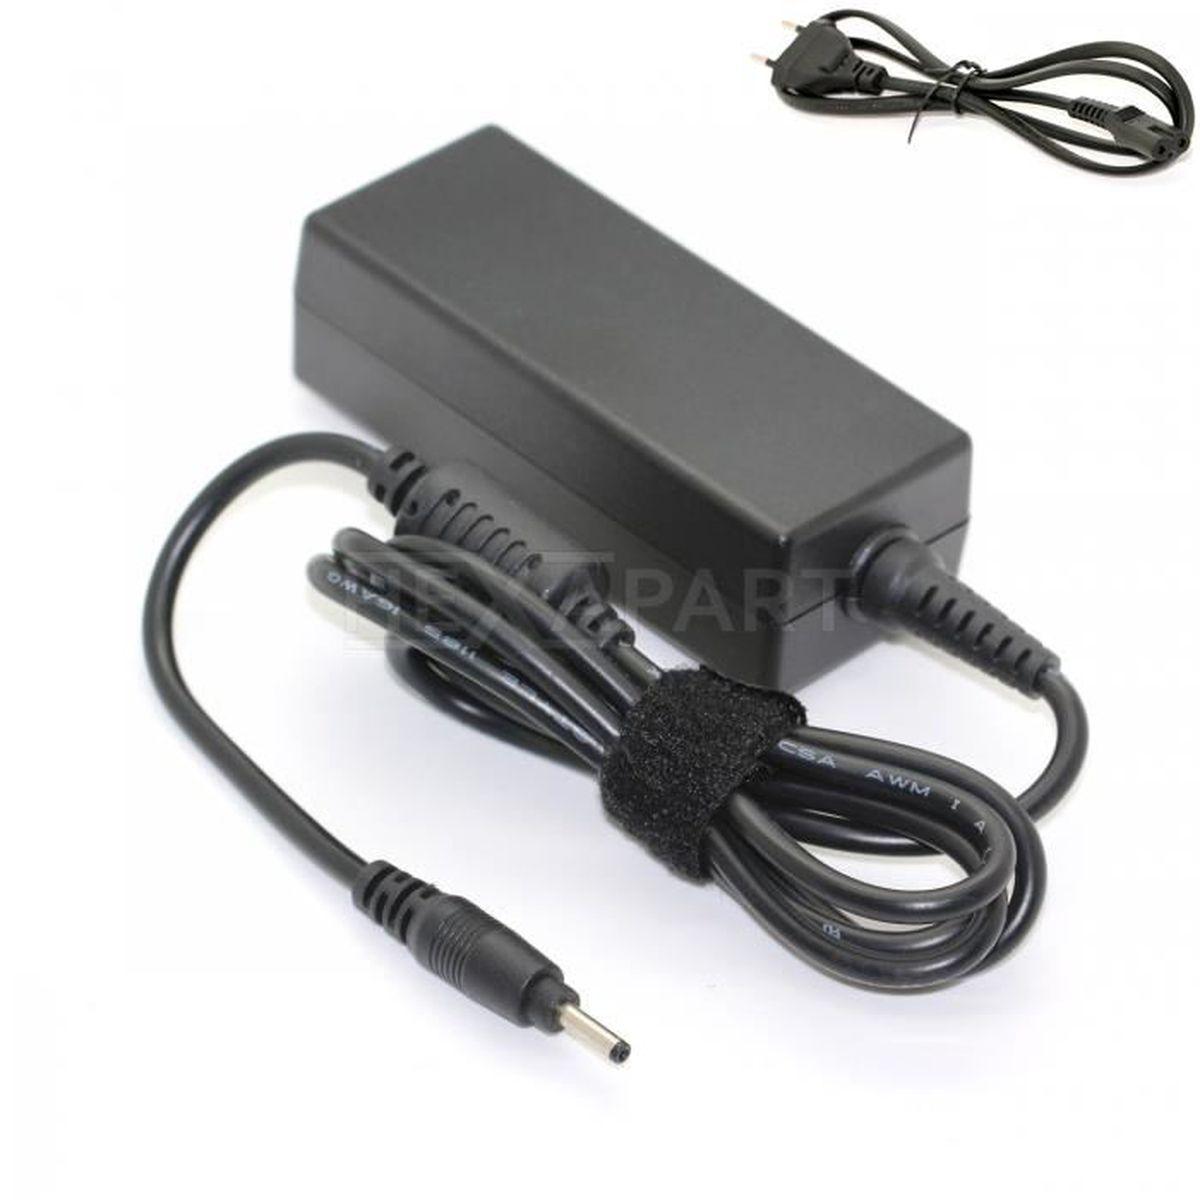 Alimentation chargeur pour SAMSUNG NP535U3C-A02